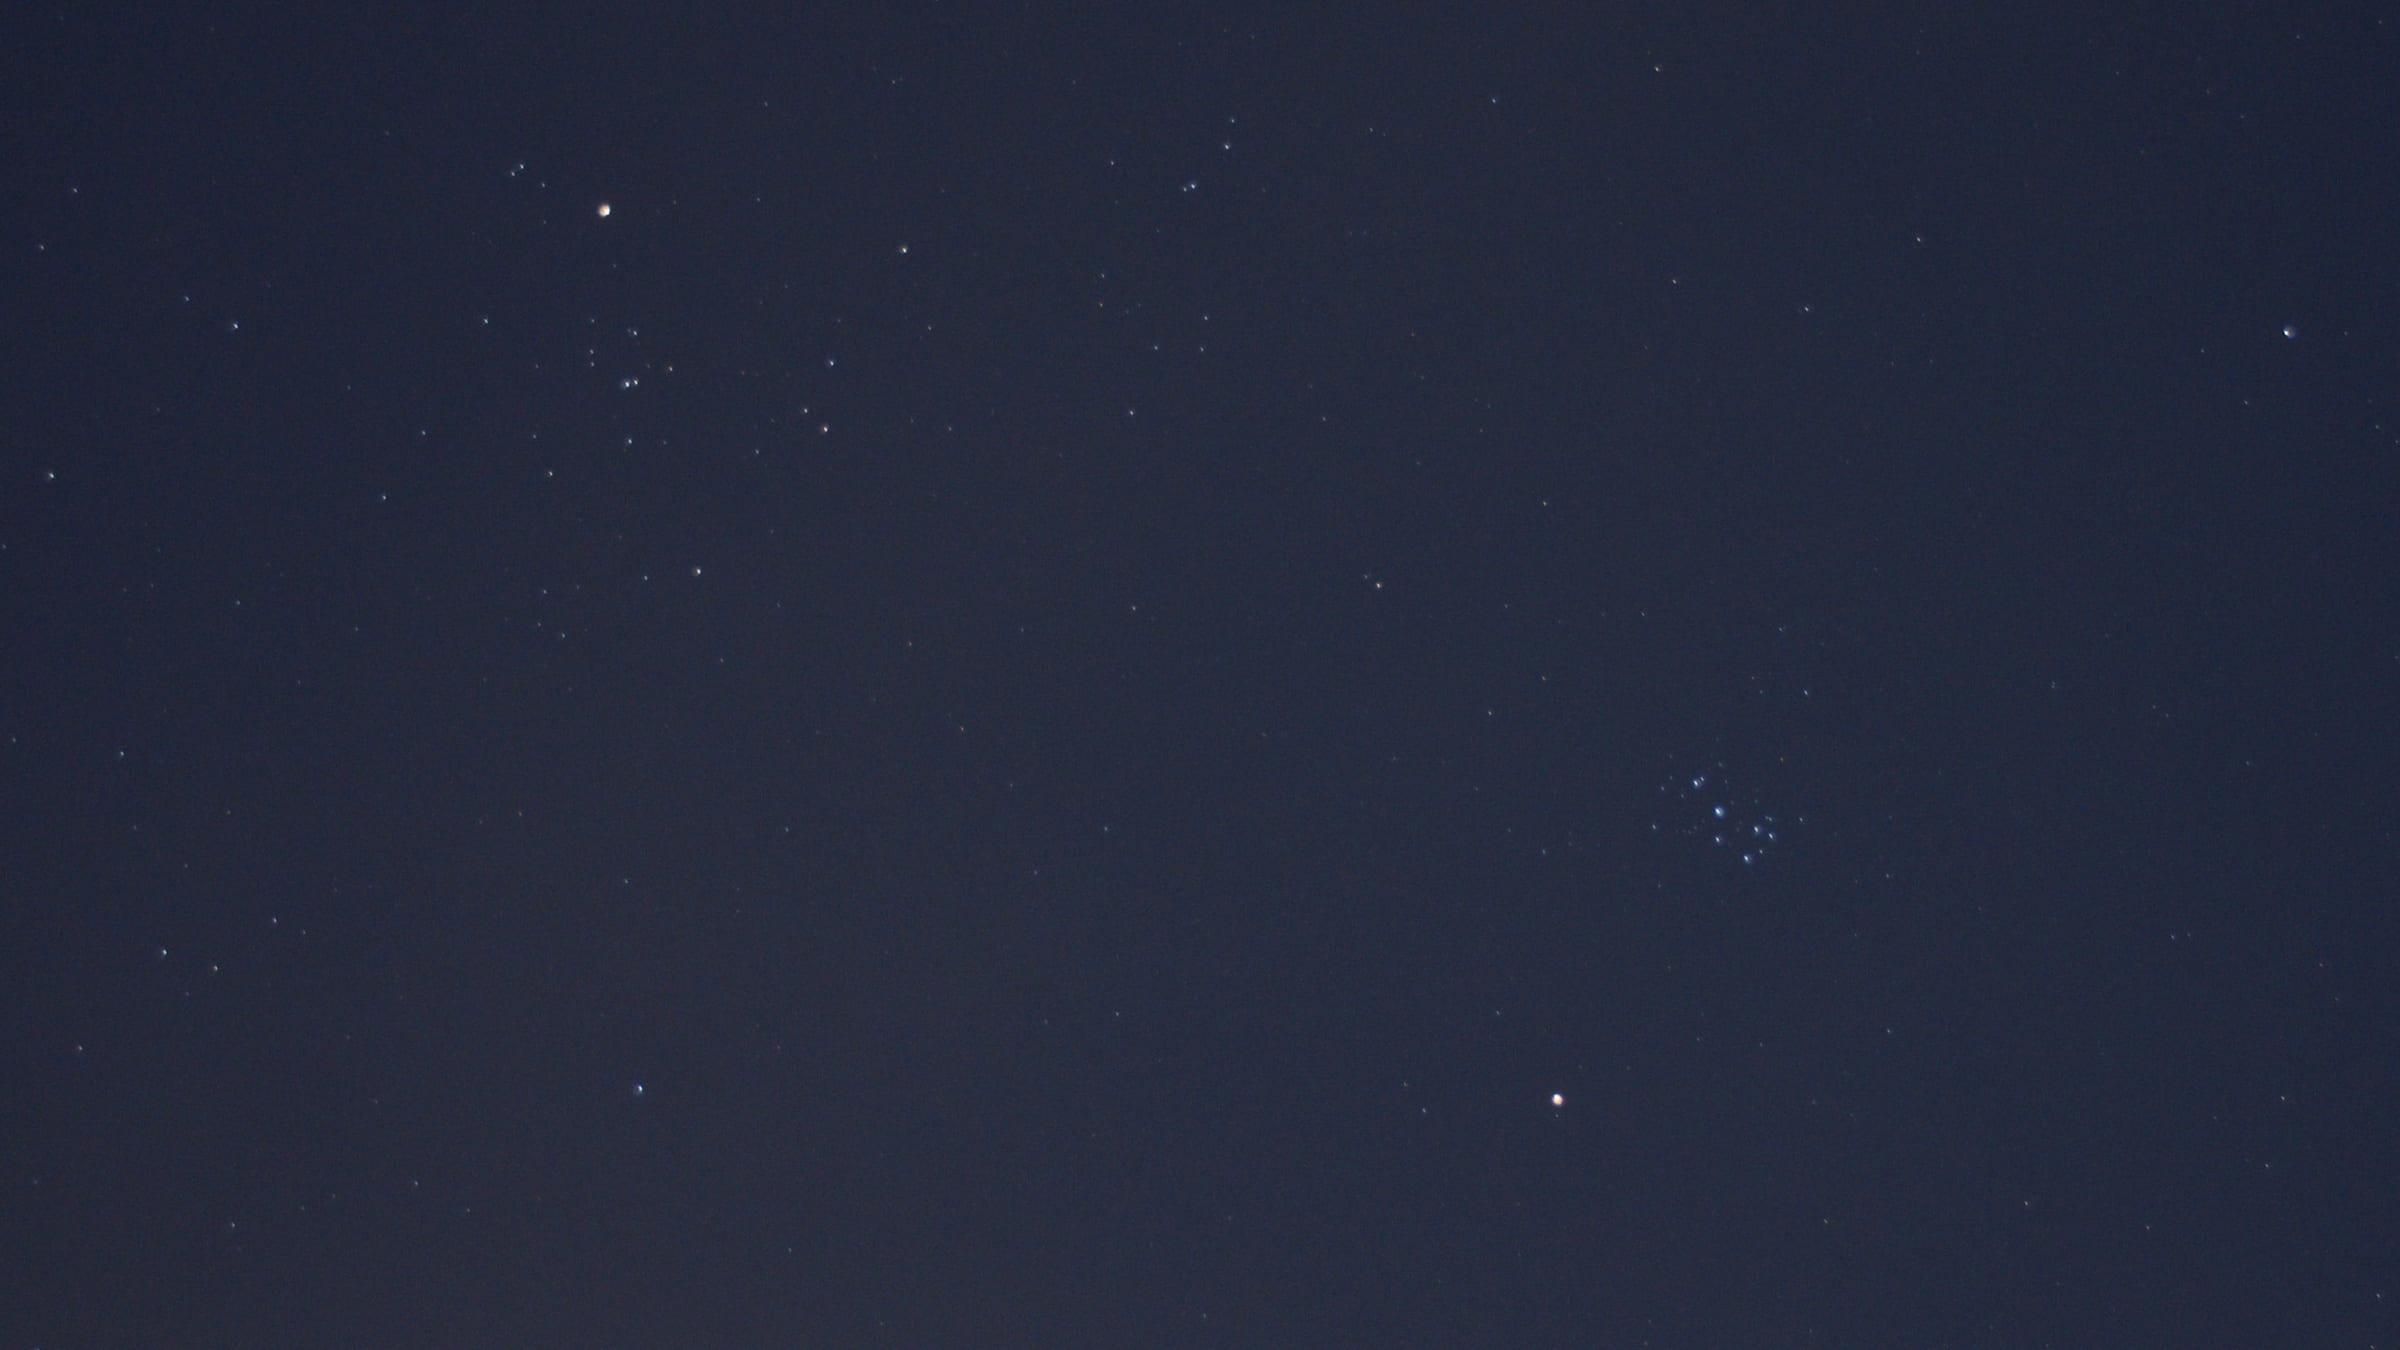 ヒヤデス星団とプレアデス星団に接近する火星